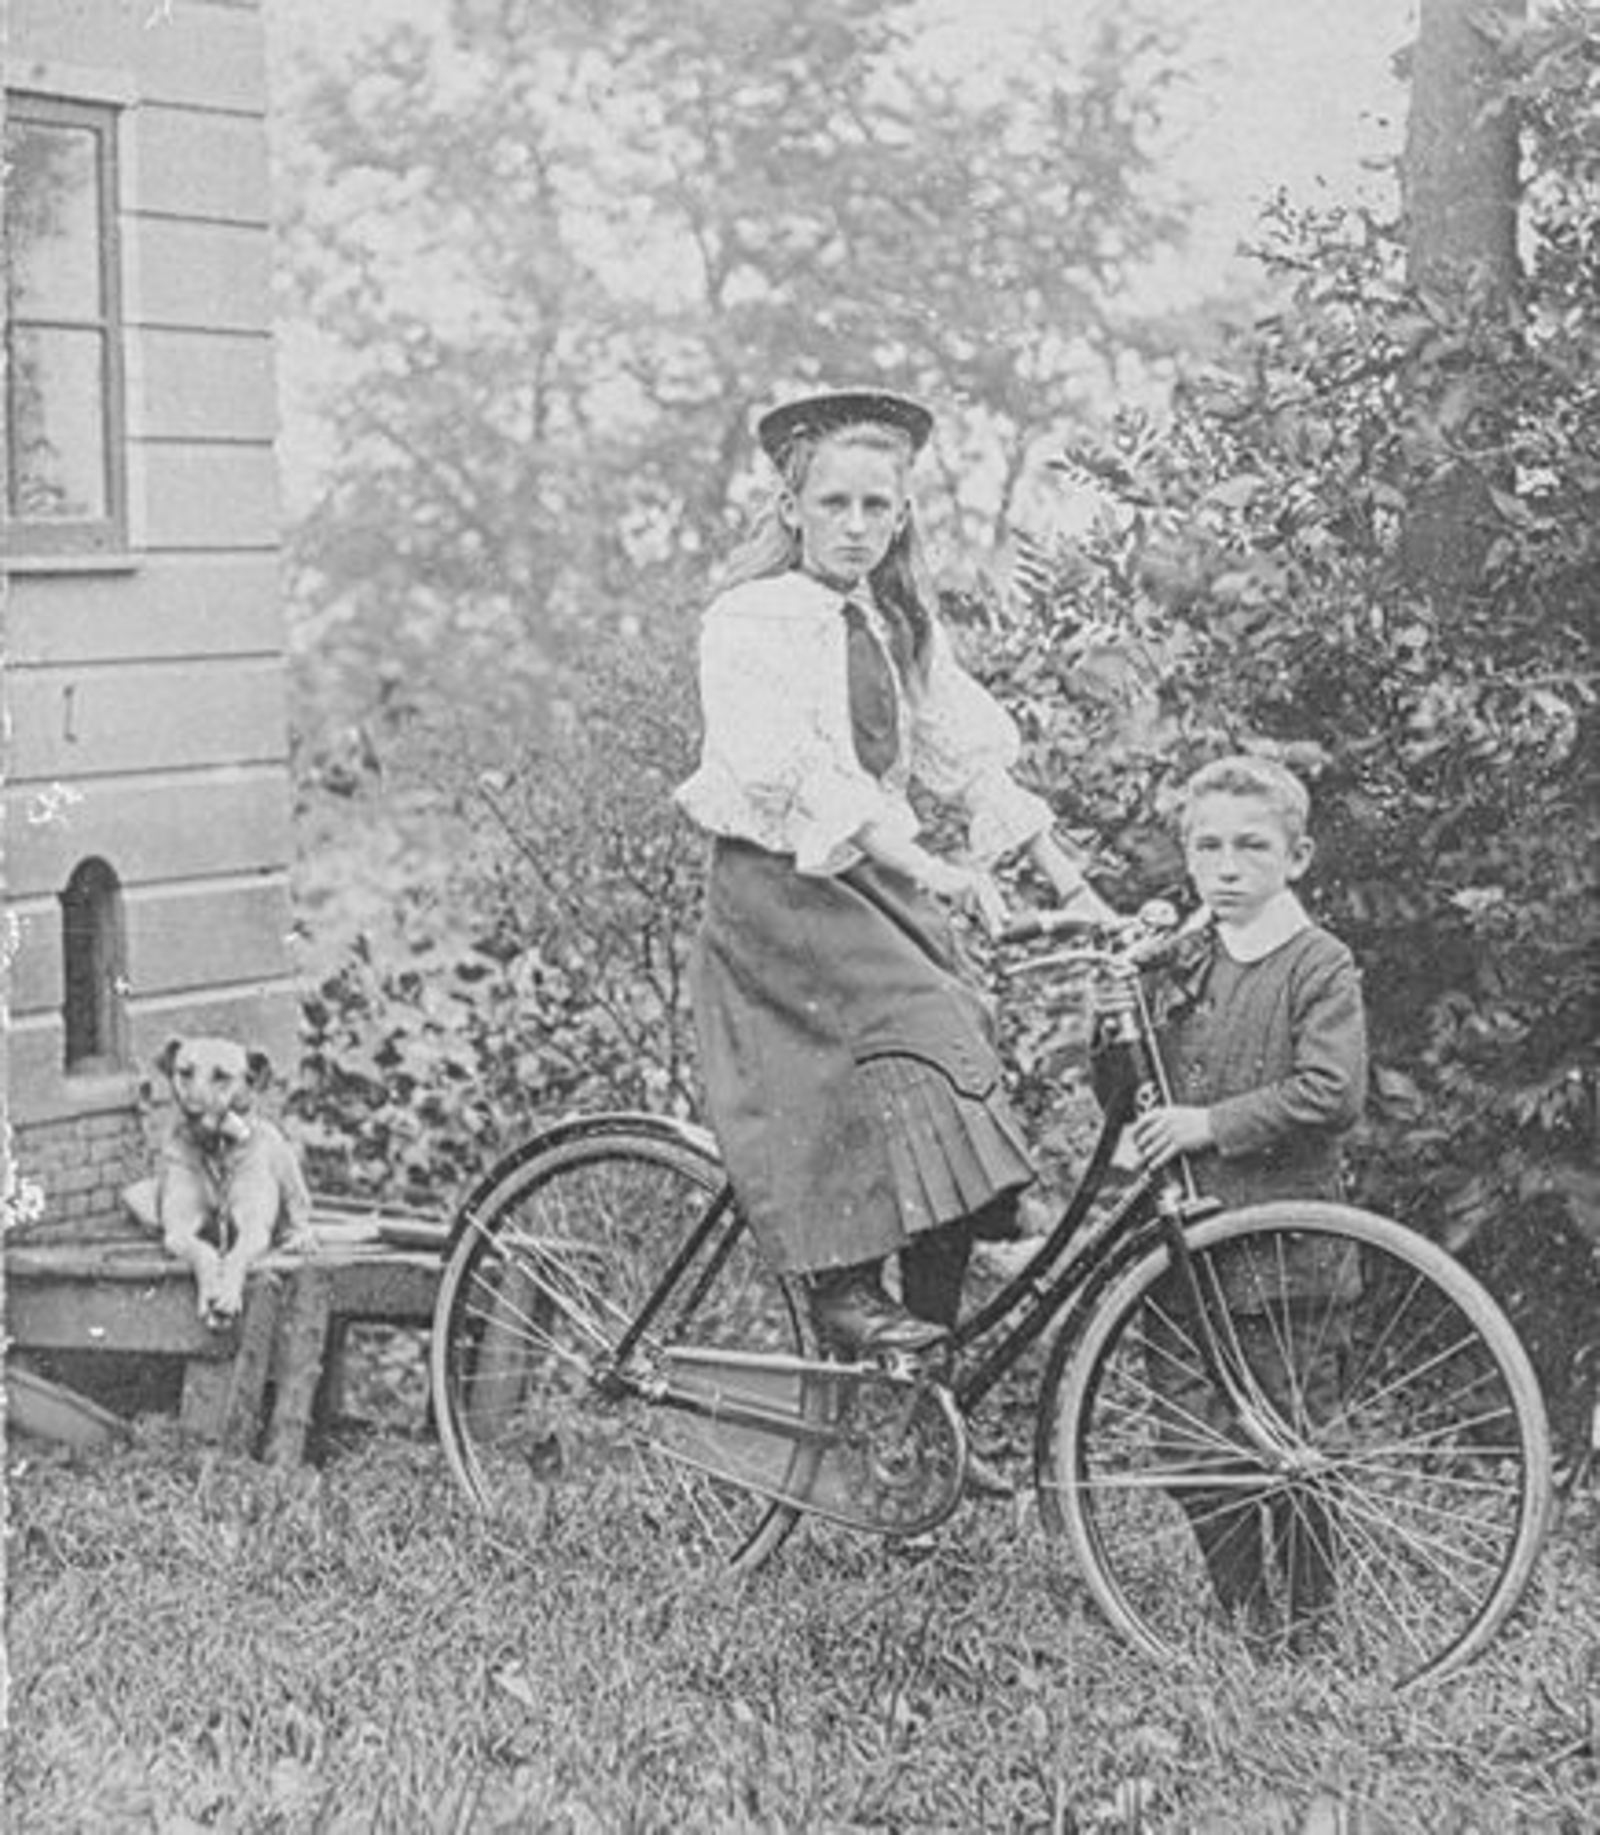 Biesheuvel Anna Bdr 1855 dochter Daatje Leest op de Fiets met broertje Barend